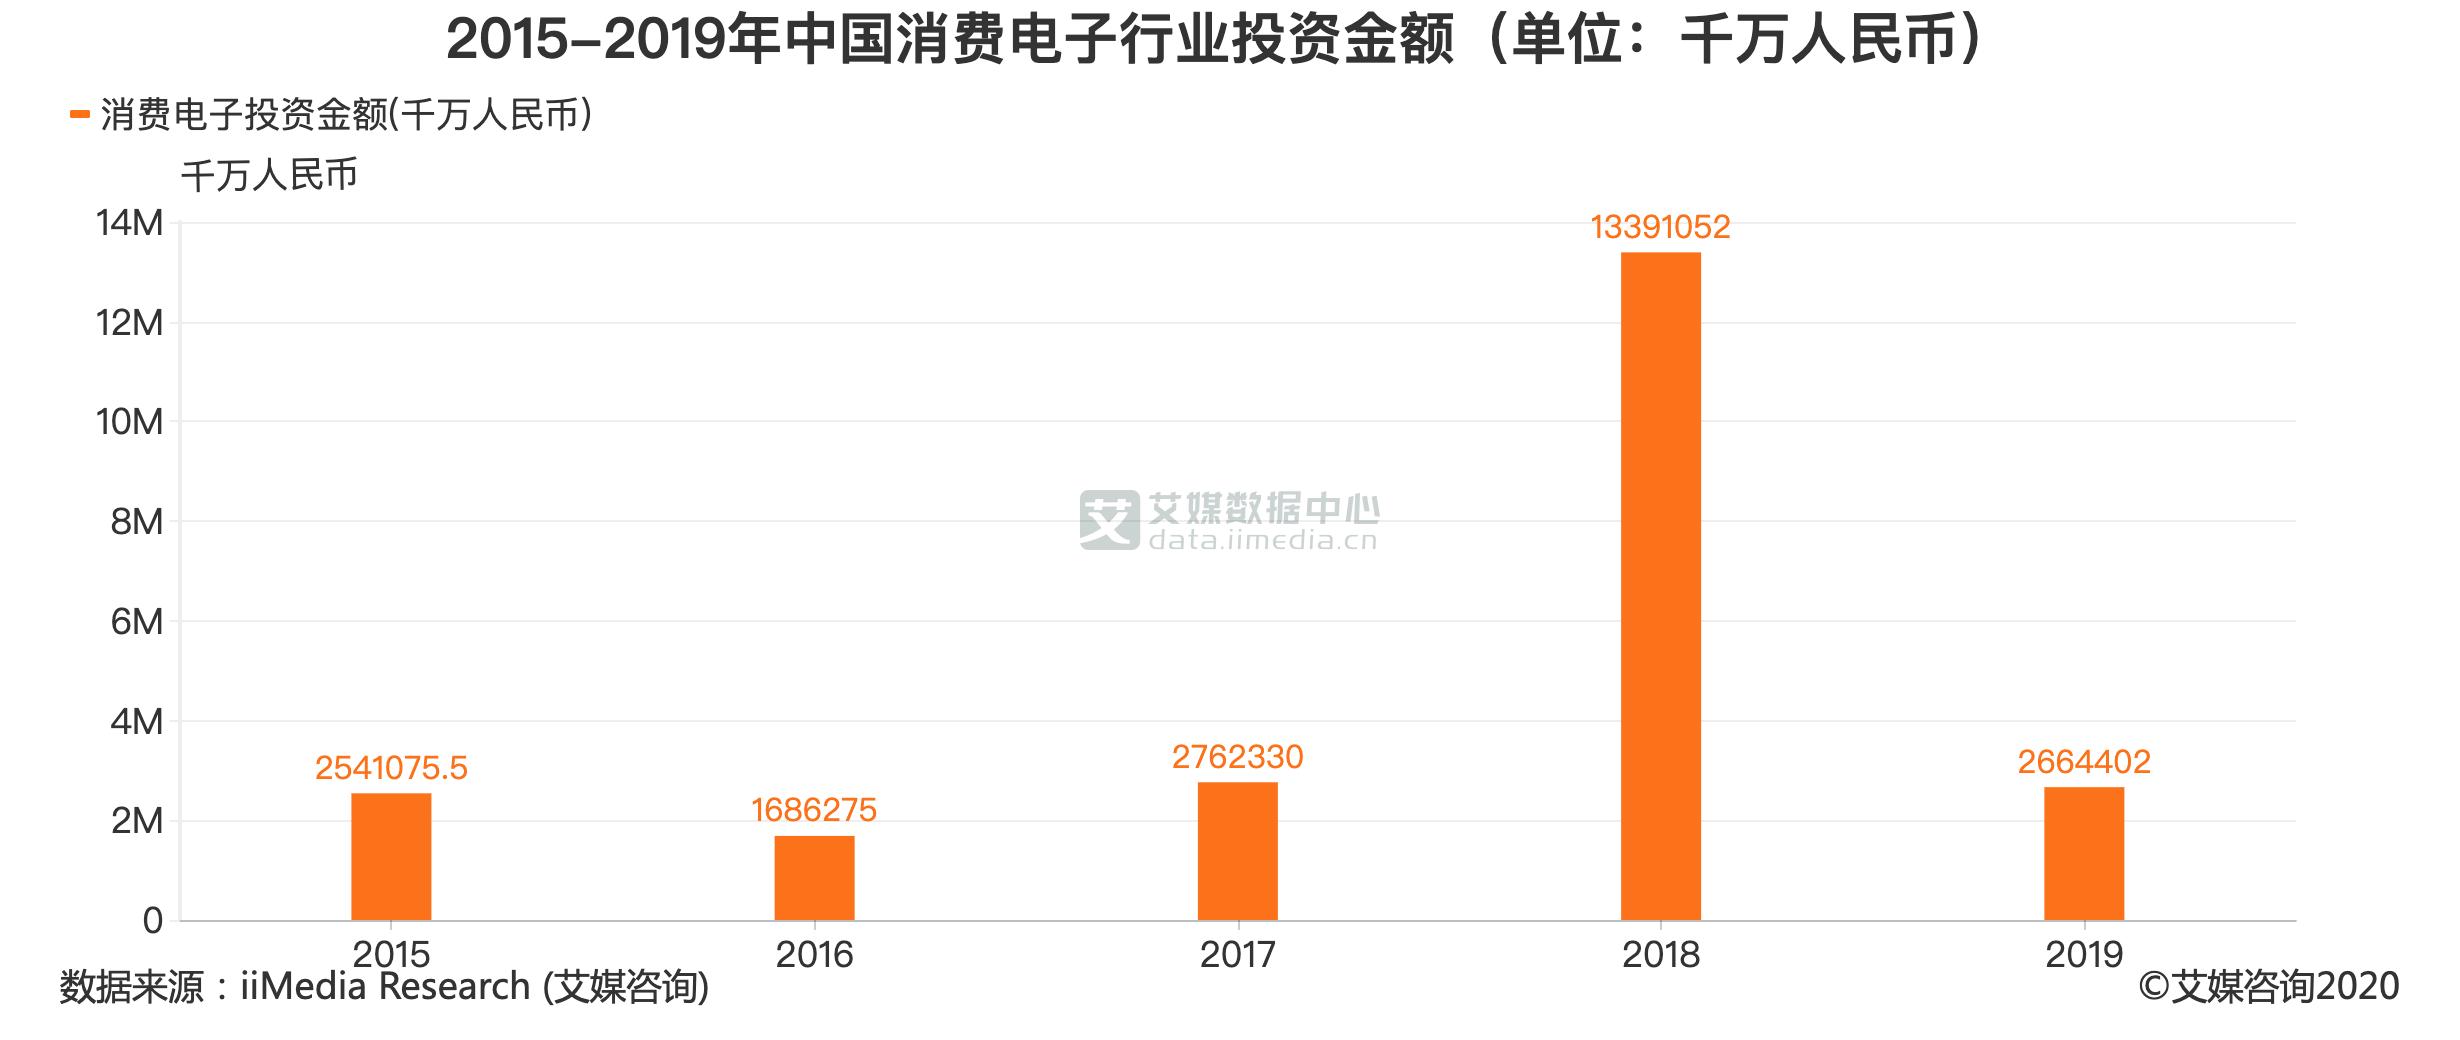 2015-2019年中国消费电子行业投资金额(单位:千万人民币)